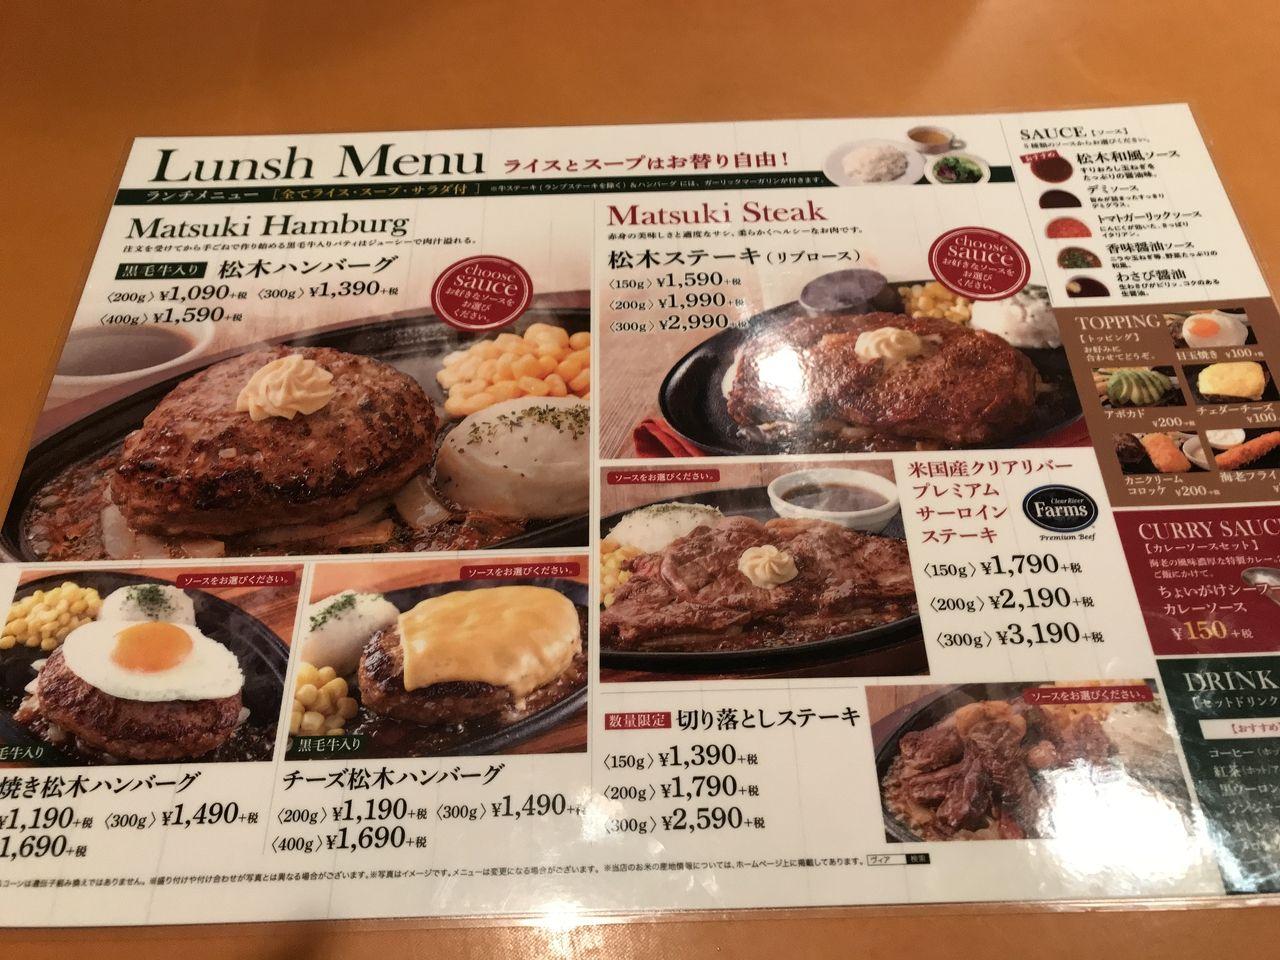 行徳のステーキハウス松木のランチメニュー表